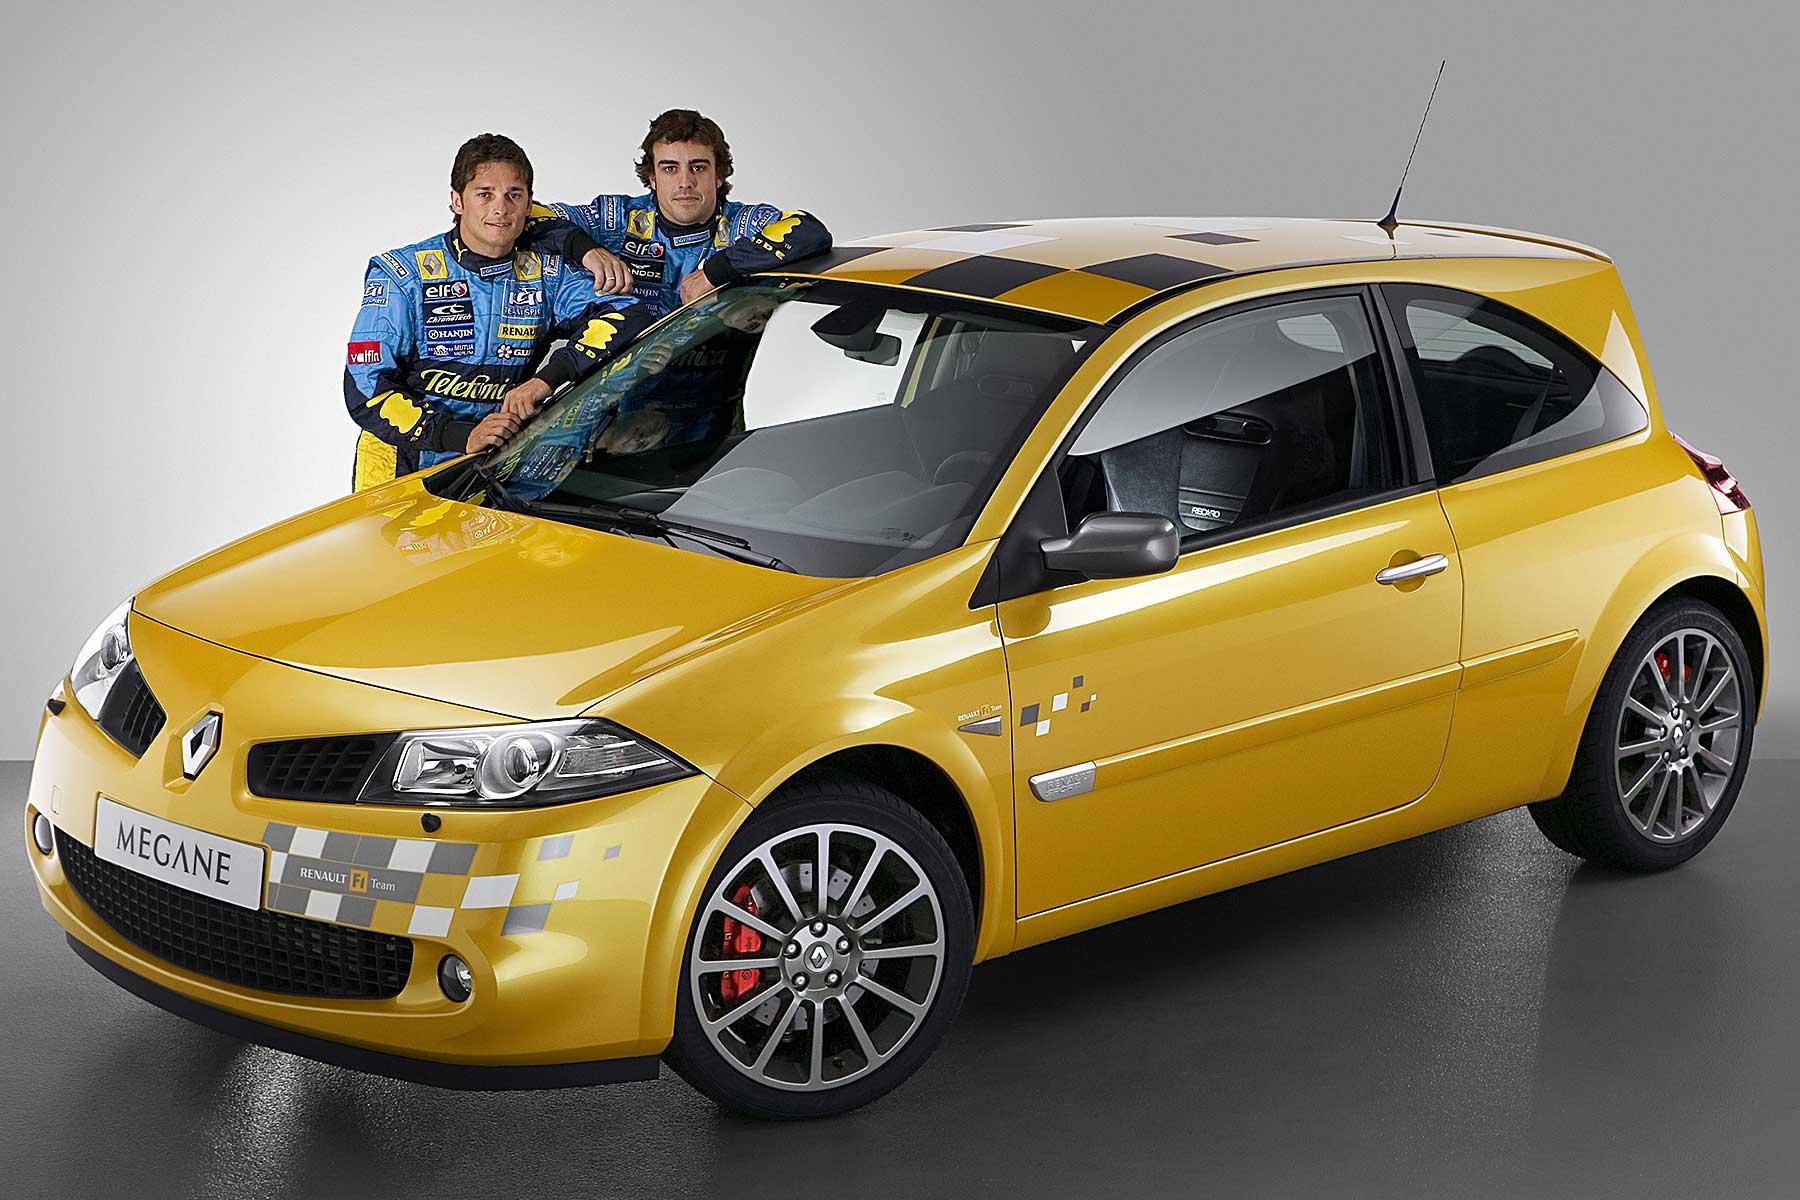 Renaultsport Megane R26